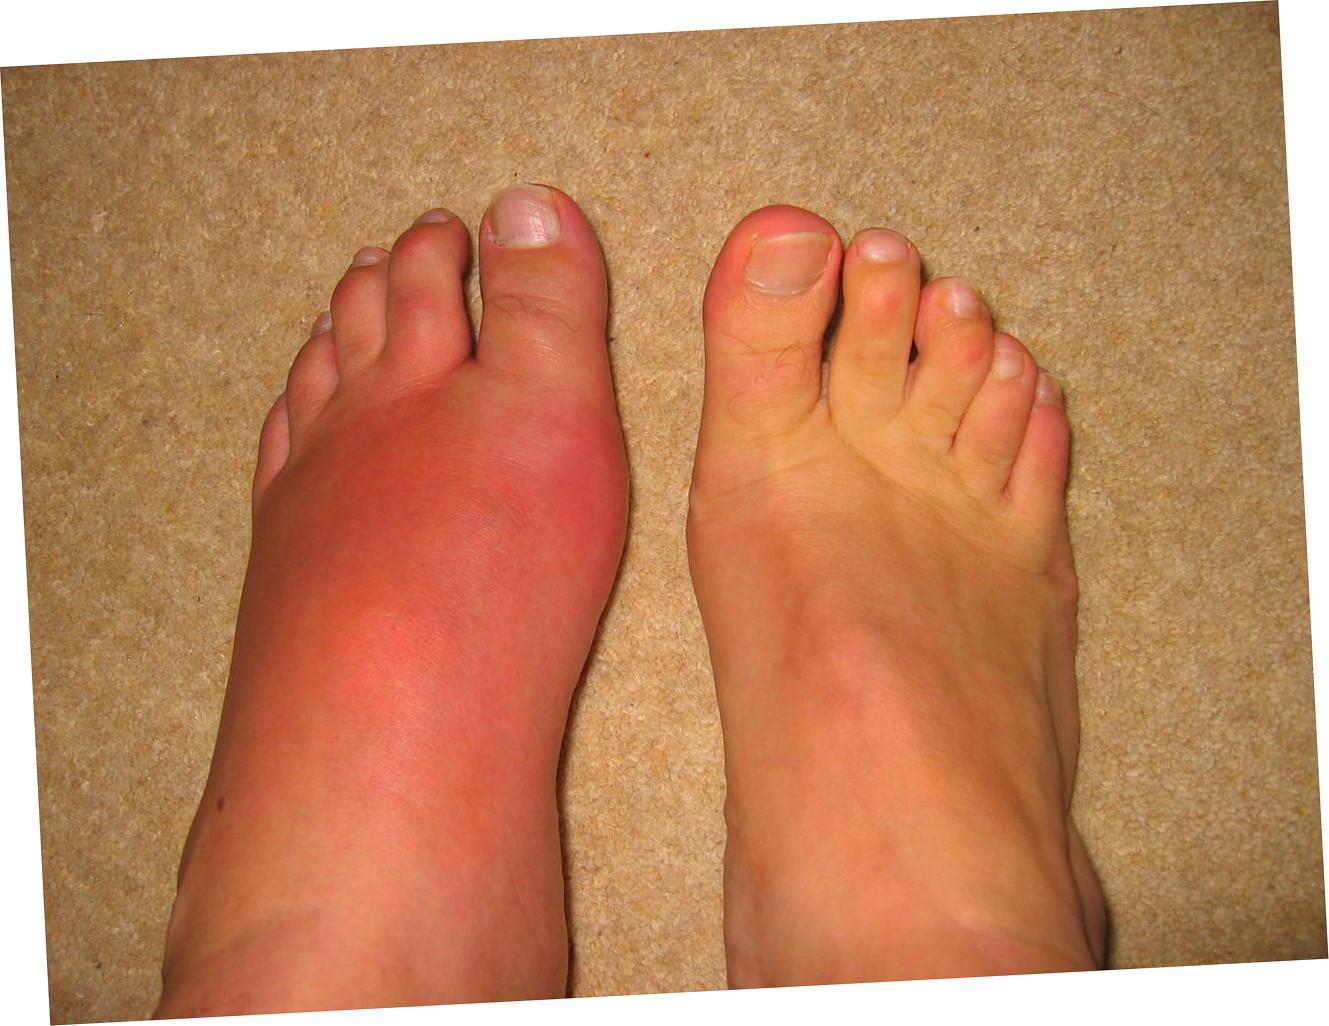 Артрит суставов профилактика боли в суставах лечение абельмановская